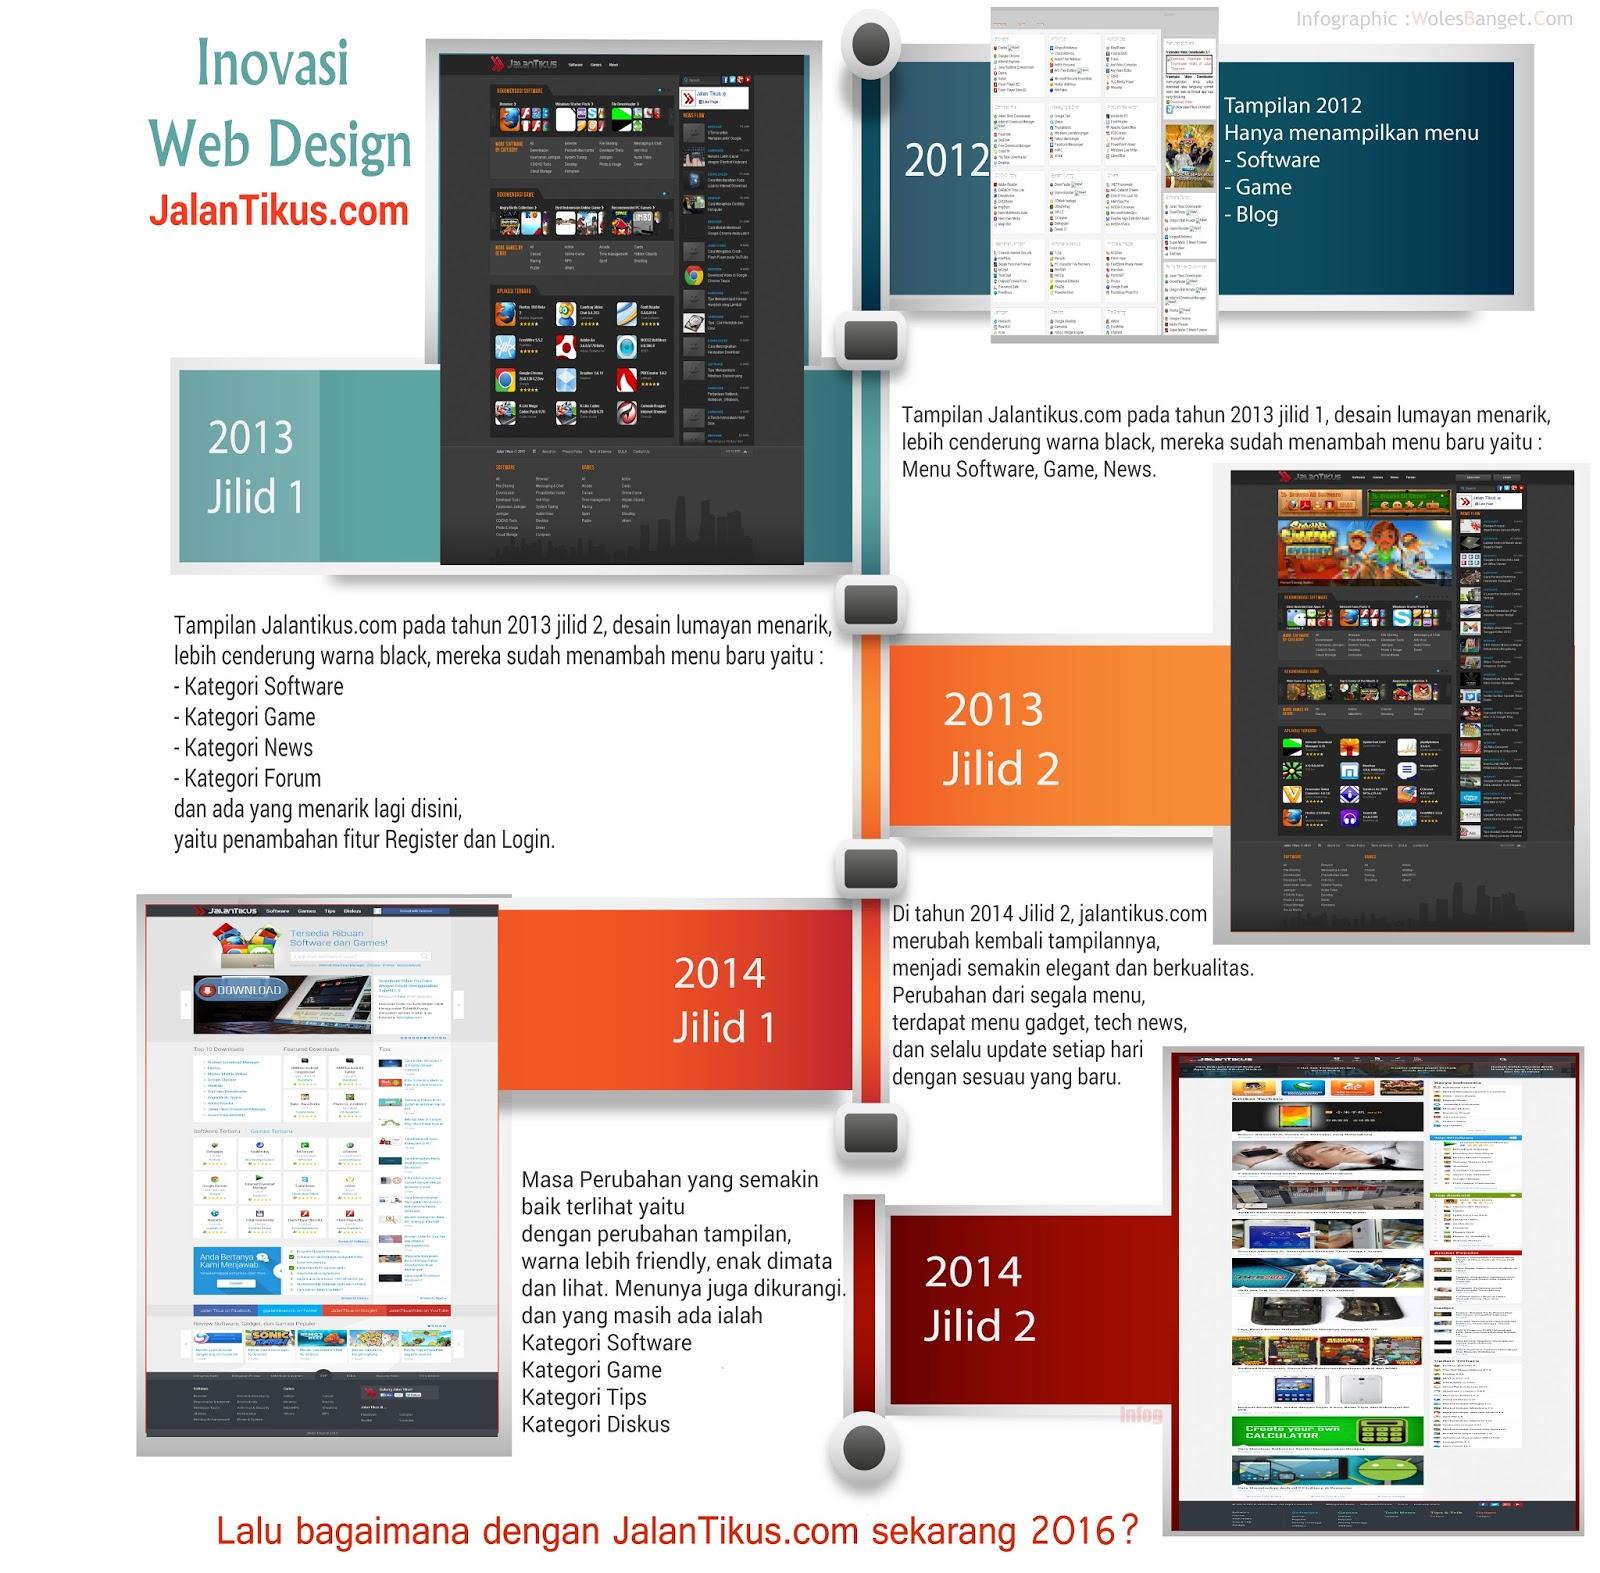 proses inovasi tampilan website jalantikus.com